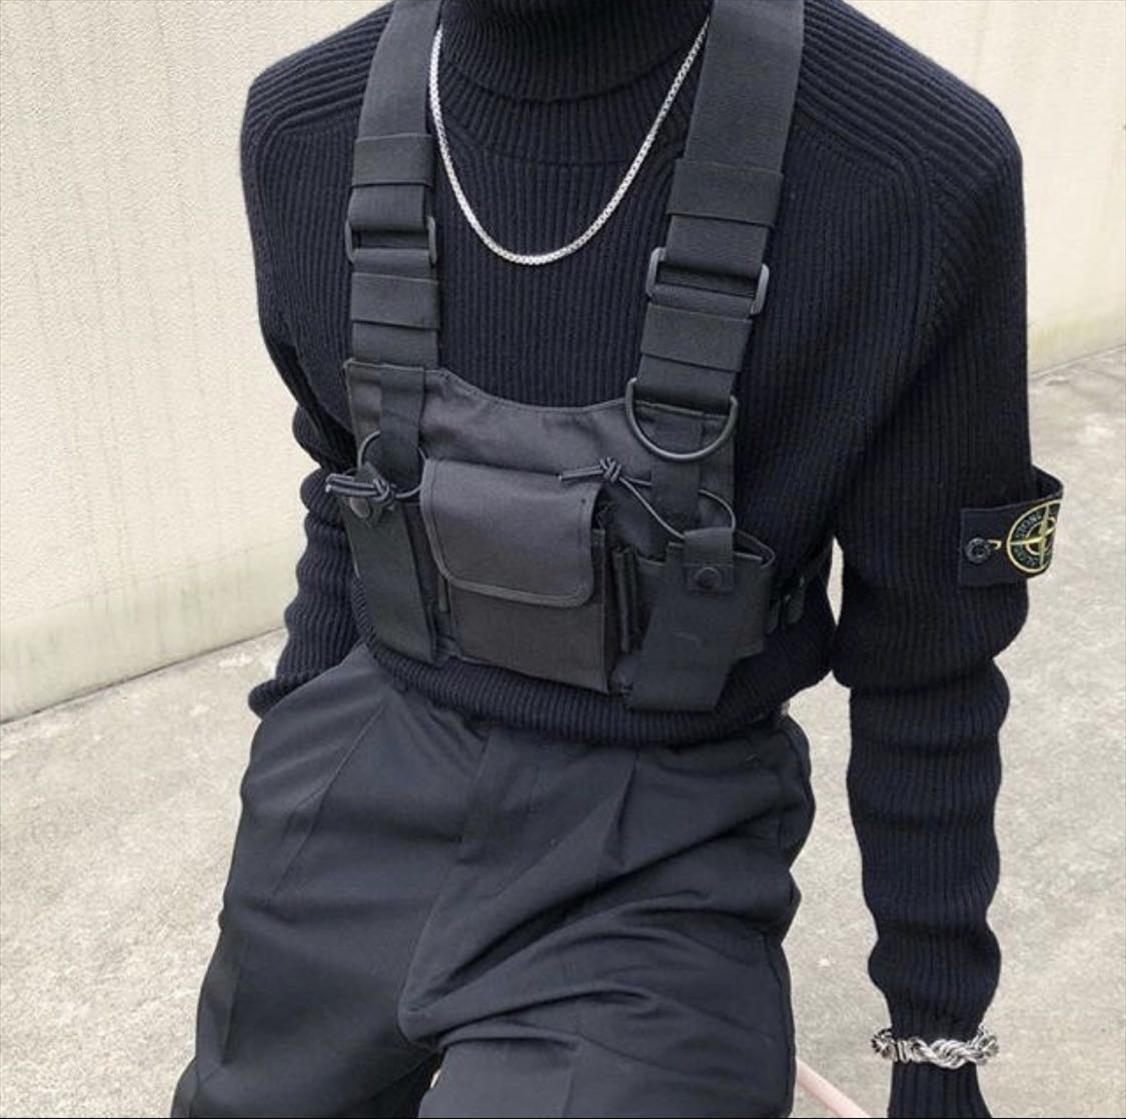 Pacchetto della vita della maglia tattica militare di nylon della maglia della cassa rig Confezione sacchetto di custodia per armi tattica cablaggio walkie talkie per la radio bidirezionale